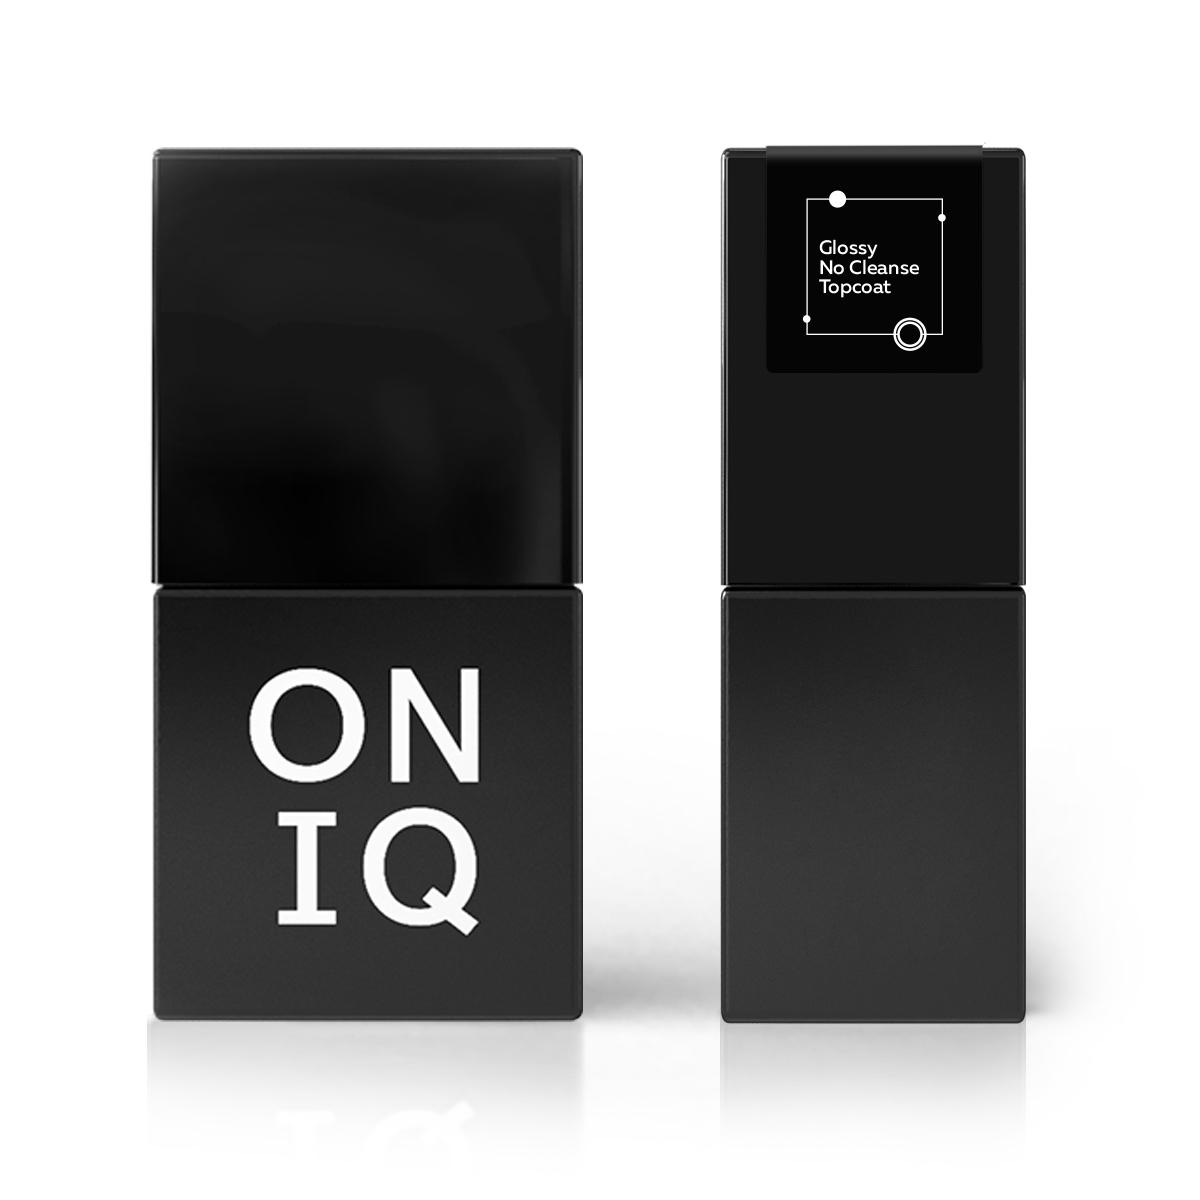 ONIQ Покрытие финишное без липкого слоя глянцевое 10 мл - Особые средства